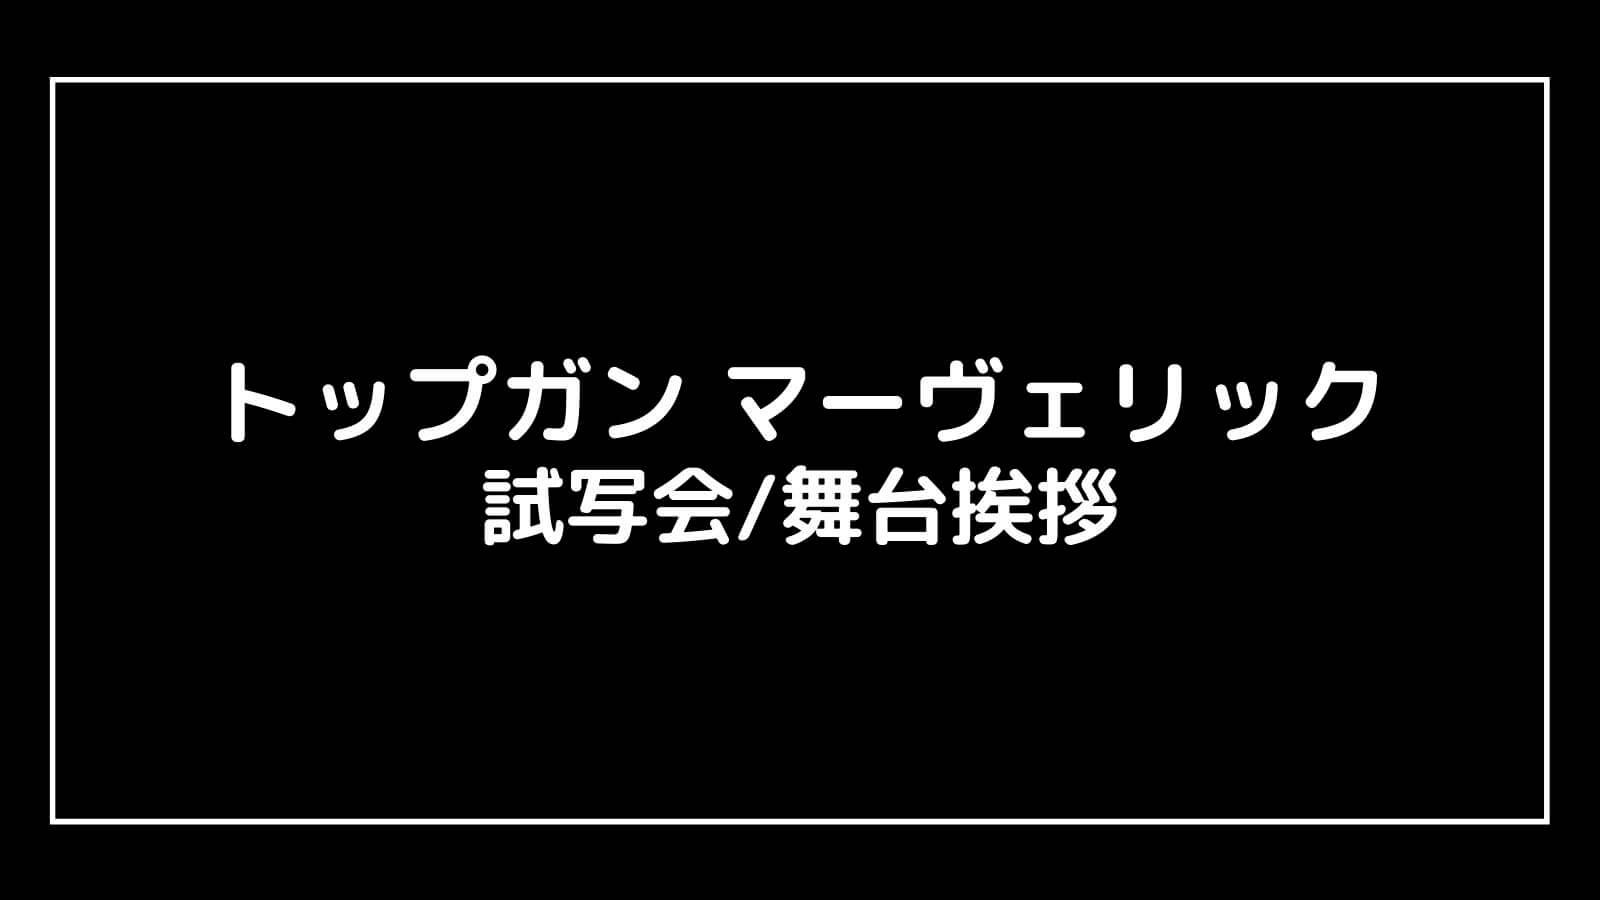 映画『トップガン マーヴェリック』の試写会と舞台挨拶ライブビューイング情報